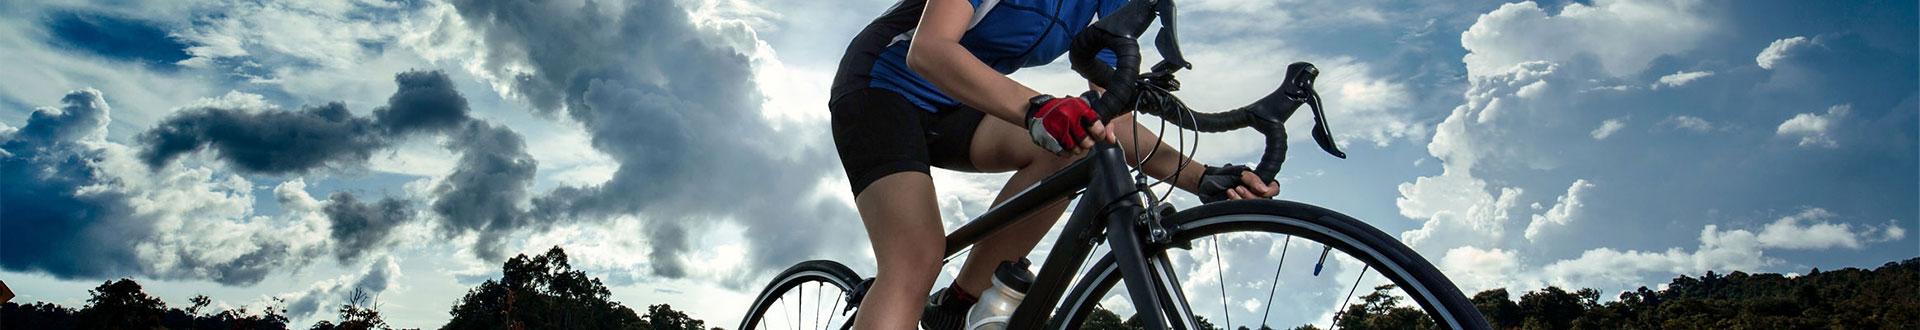 Rennräder - Sport Globe